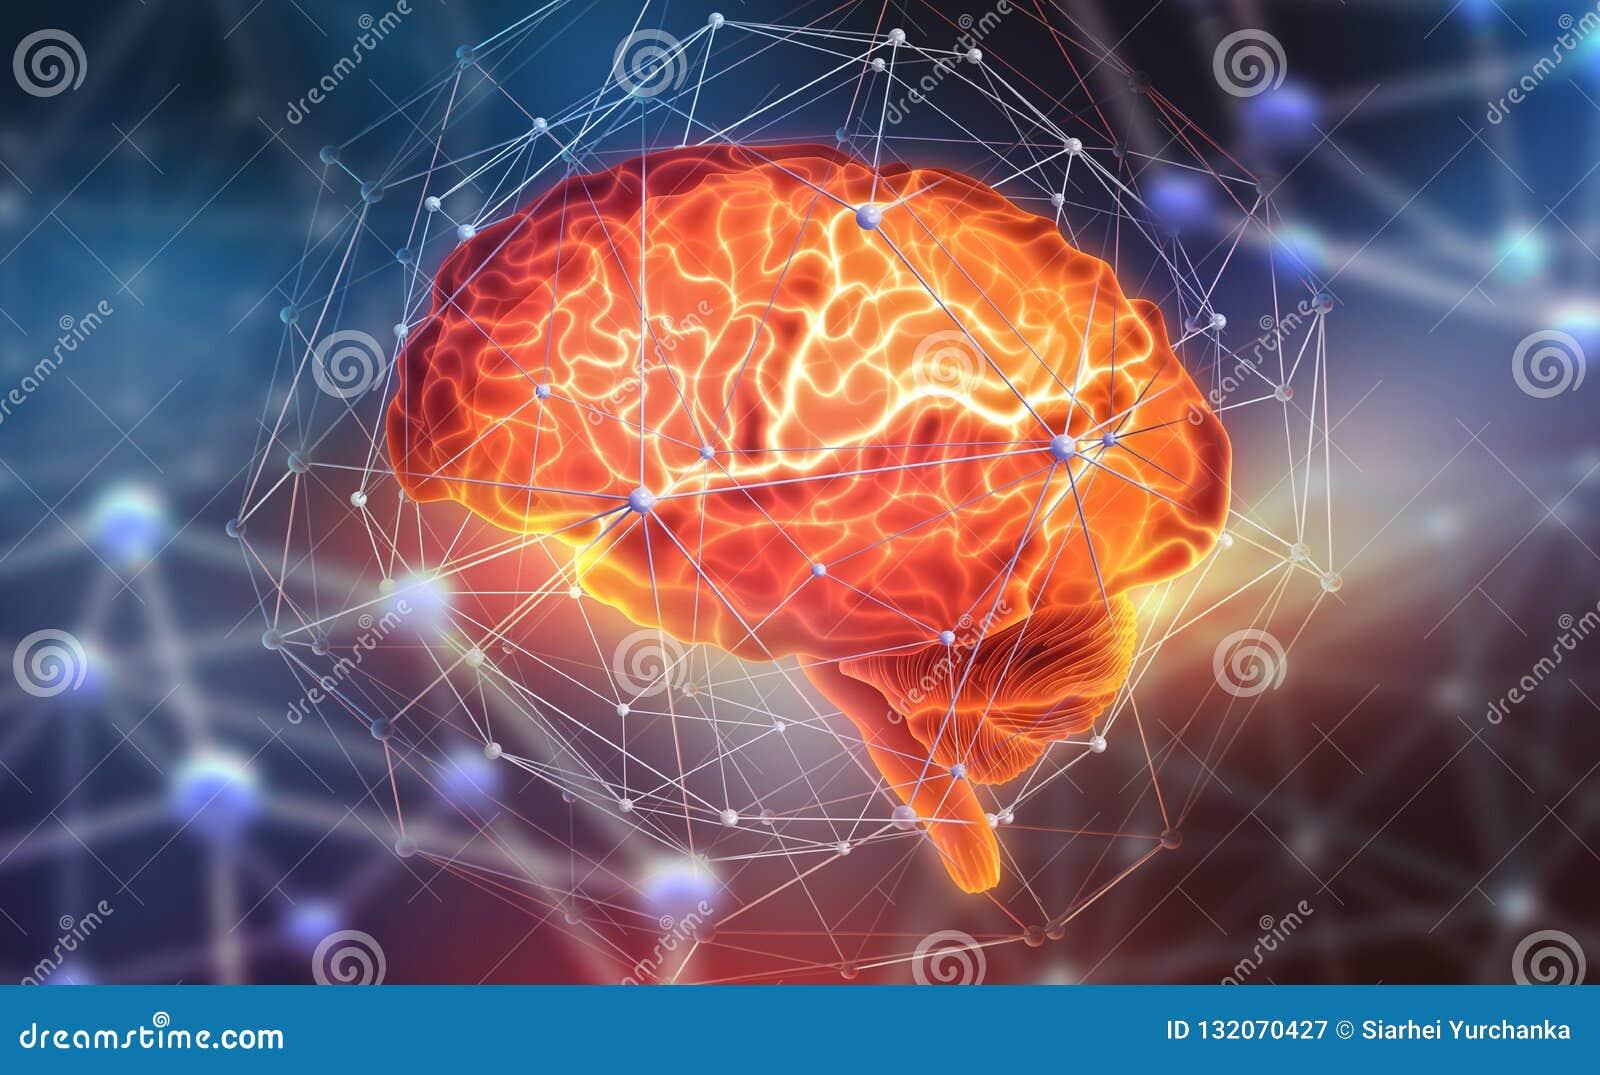 Ανθρώπινος εγκέφαλος Νευρικά δίκτυα και τεχνητή νοημοσύνη